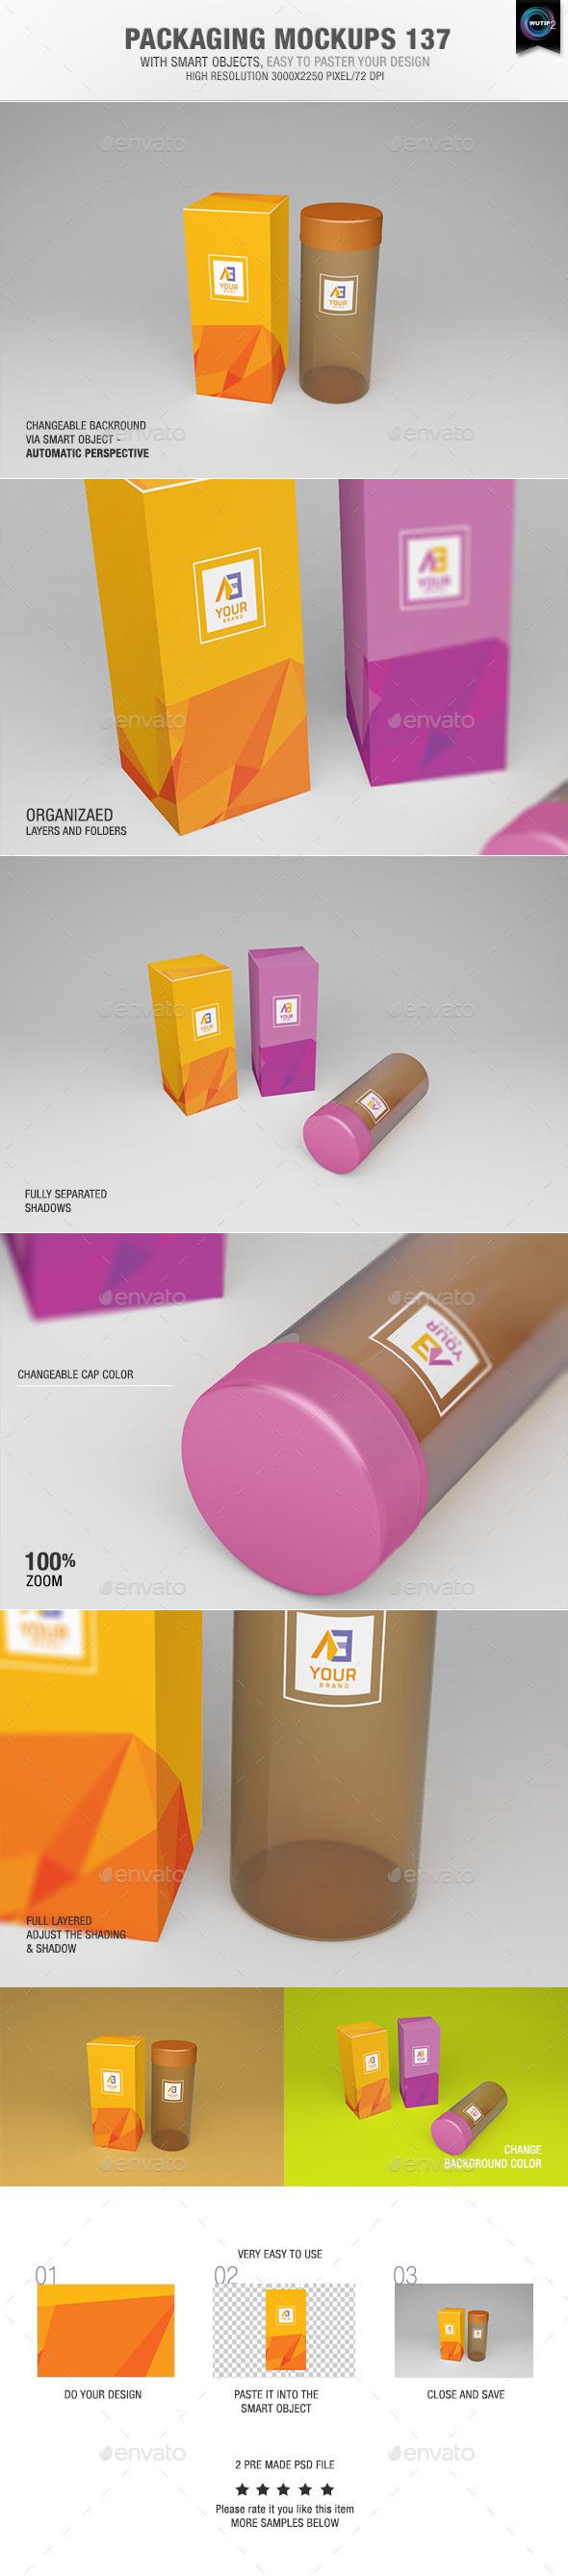 Packaging Mock-ups 137